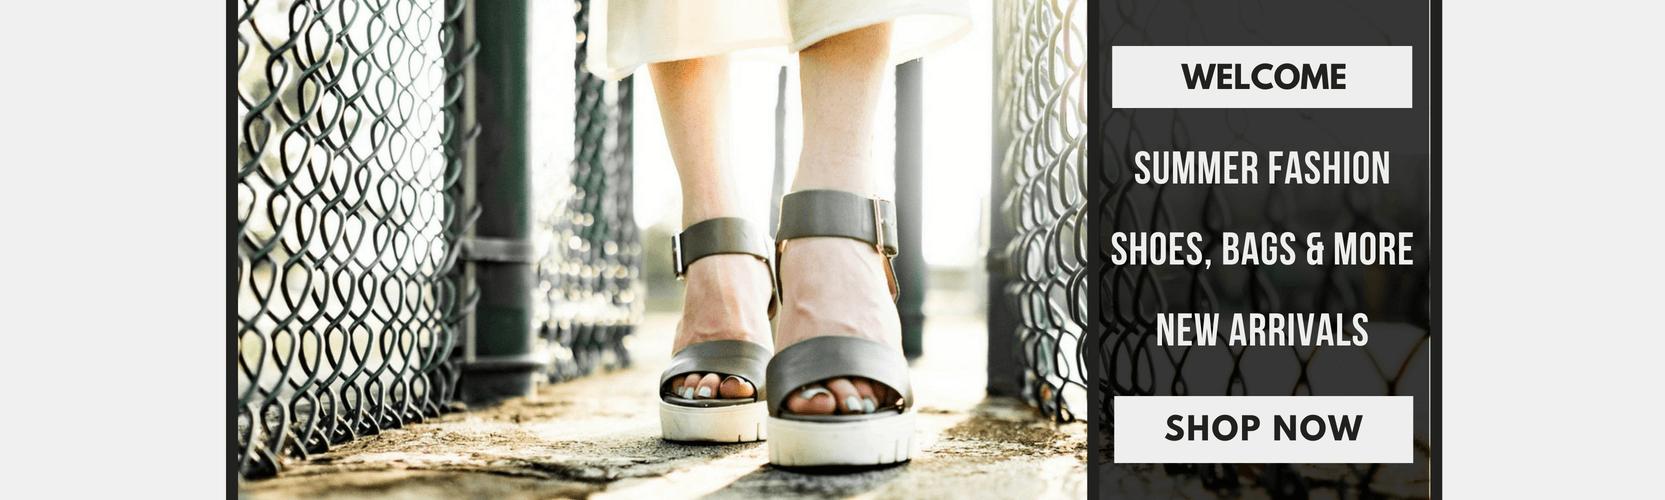 γυναικεια παπουτσια πεδιλα 2018 kennedy shoes